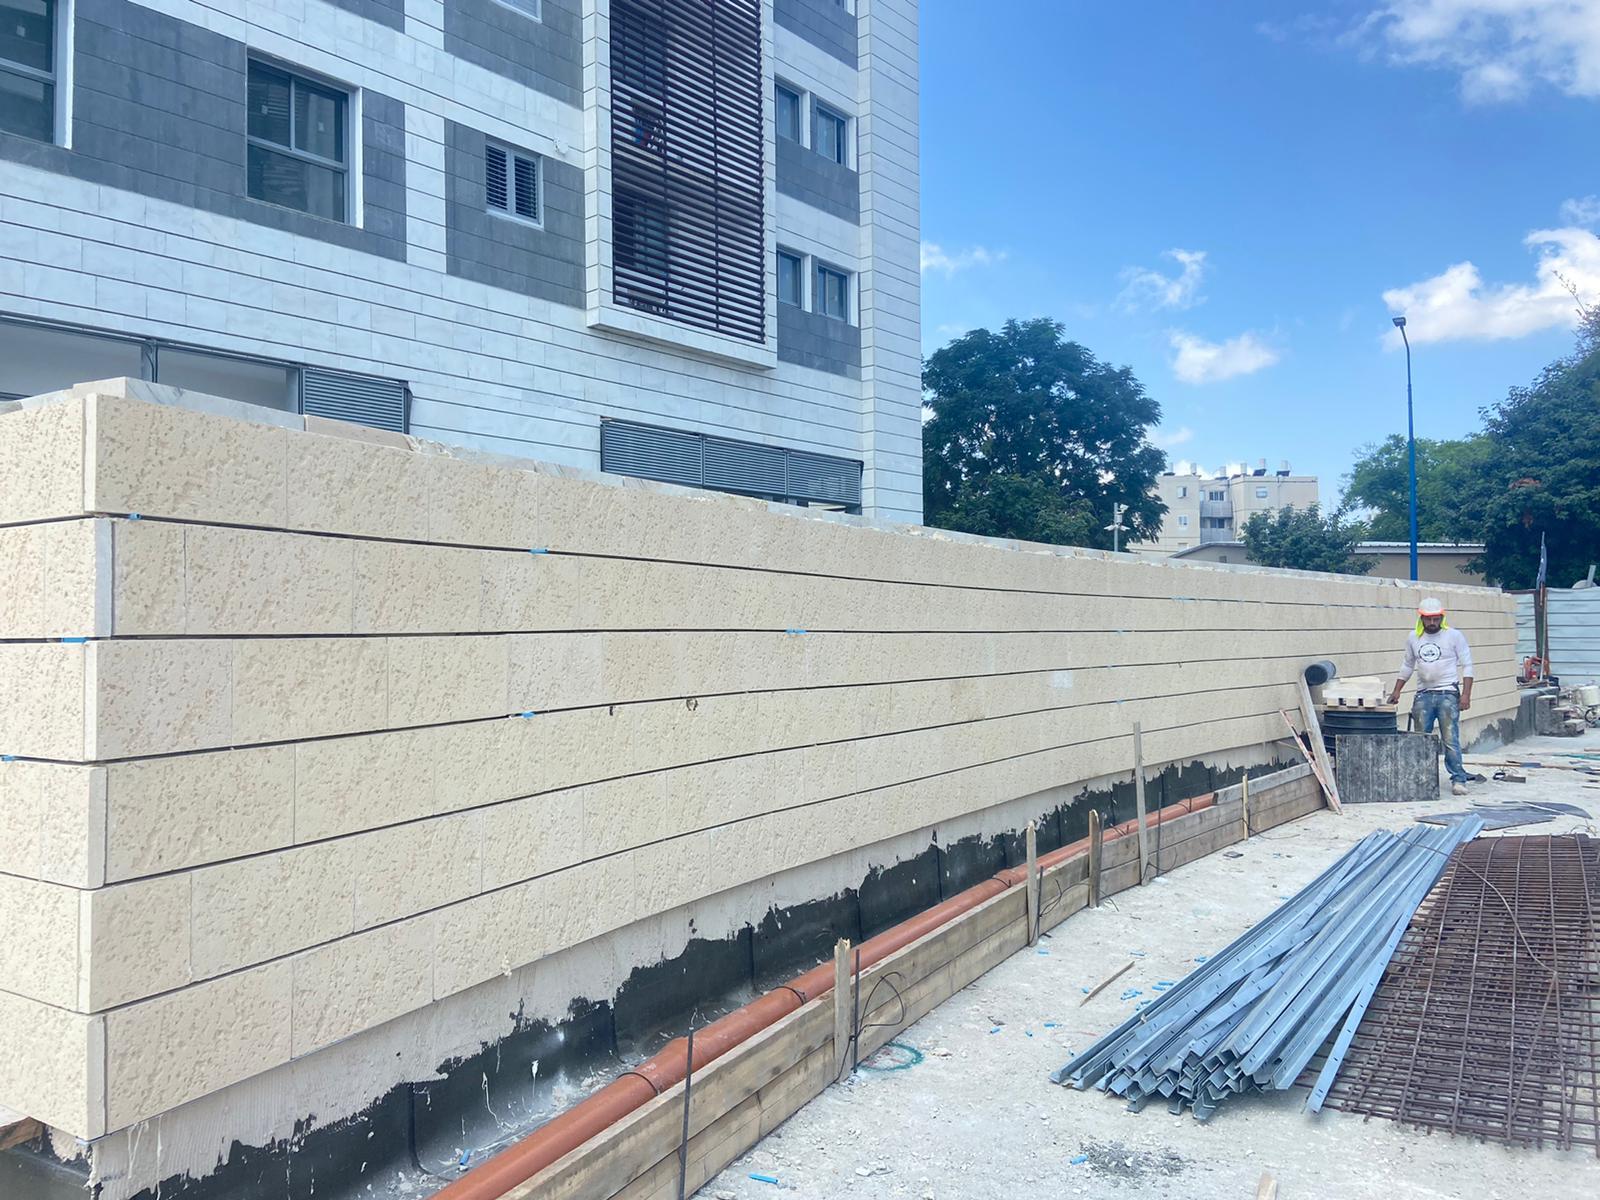 עבודות גמר אחרונות בניינים 102,103 תיקוני גמר ועבודות פיתוח 12.08.2021